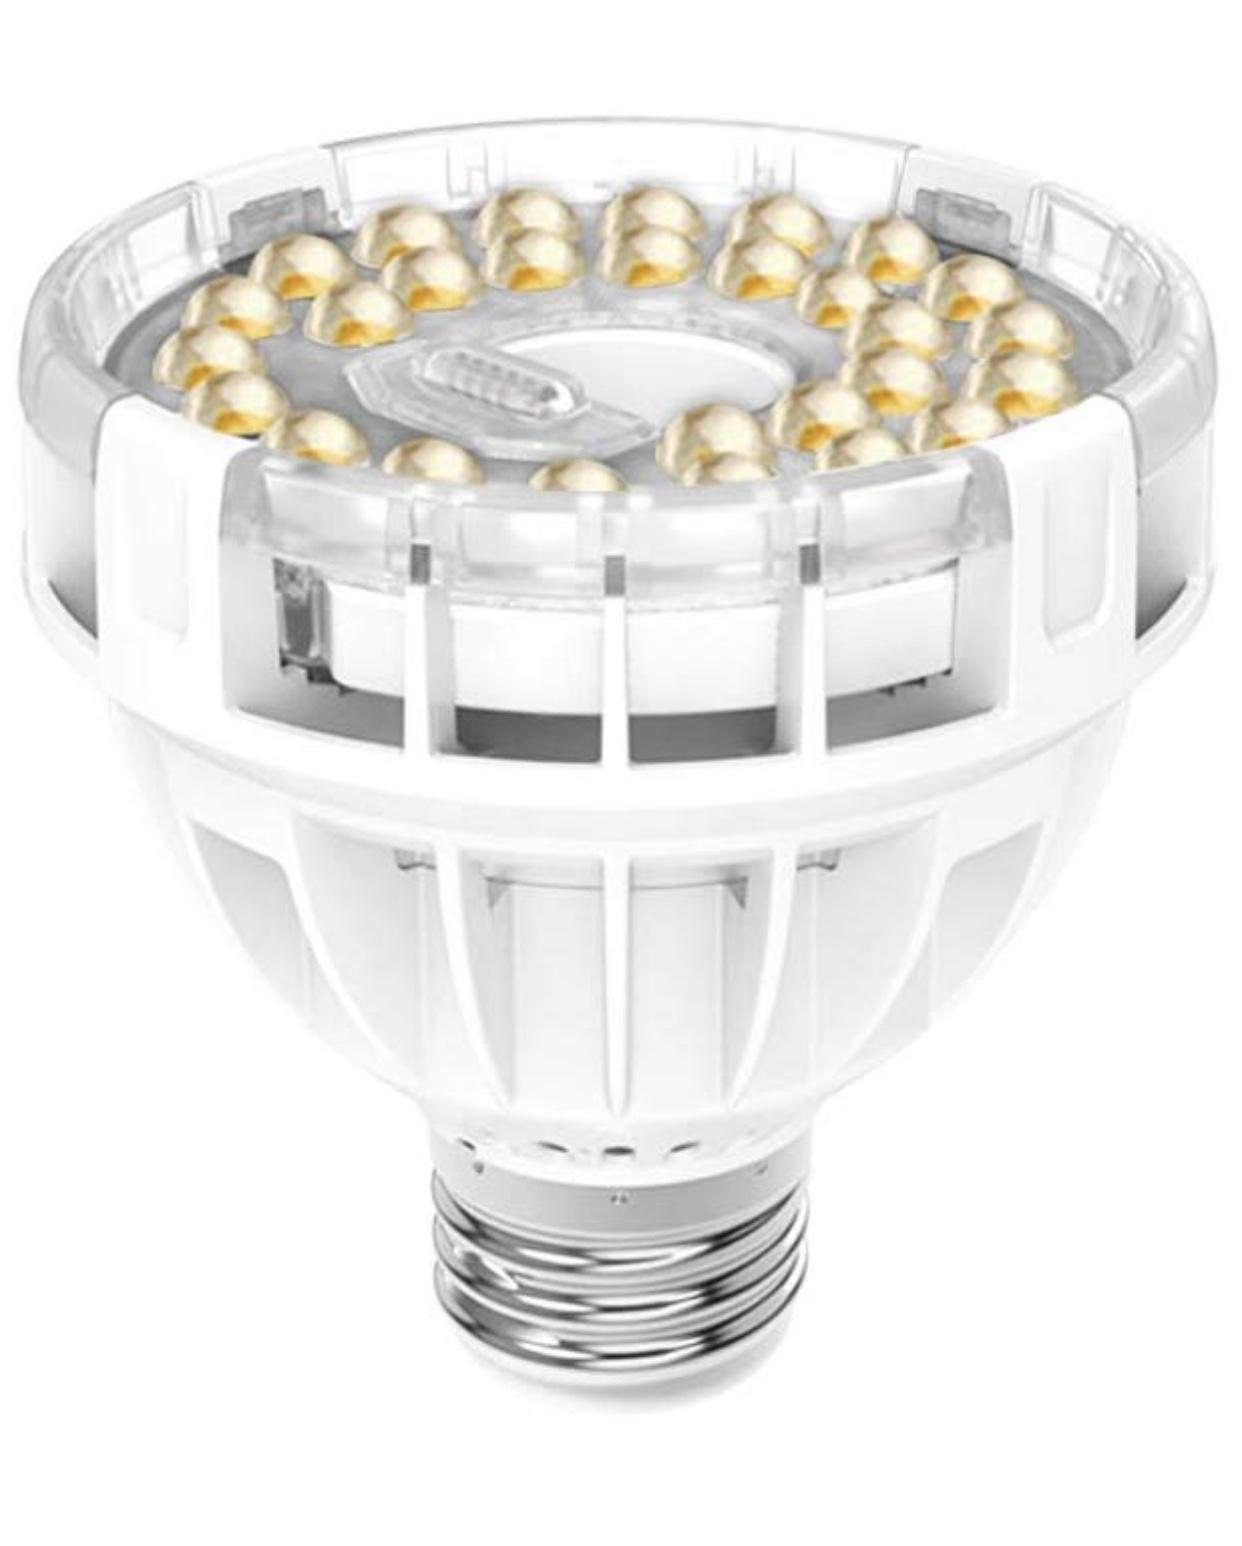 SANSI Daylight LED Grow Light Bulb, 10W Full Spectrum Sunlight LED Grow Lights for Indoor Plants Vegetables and Seedlings $9.98